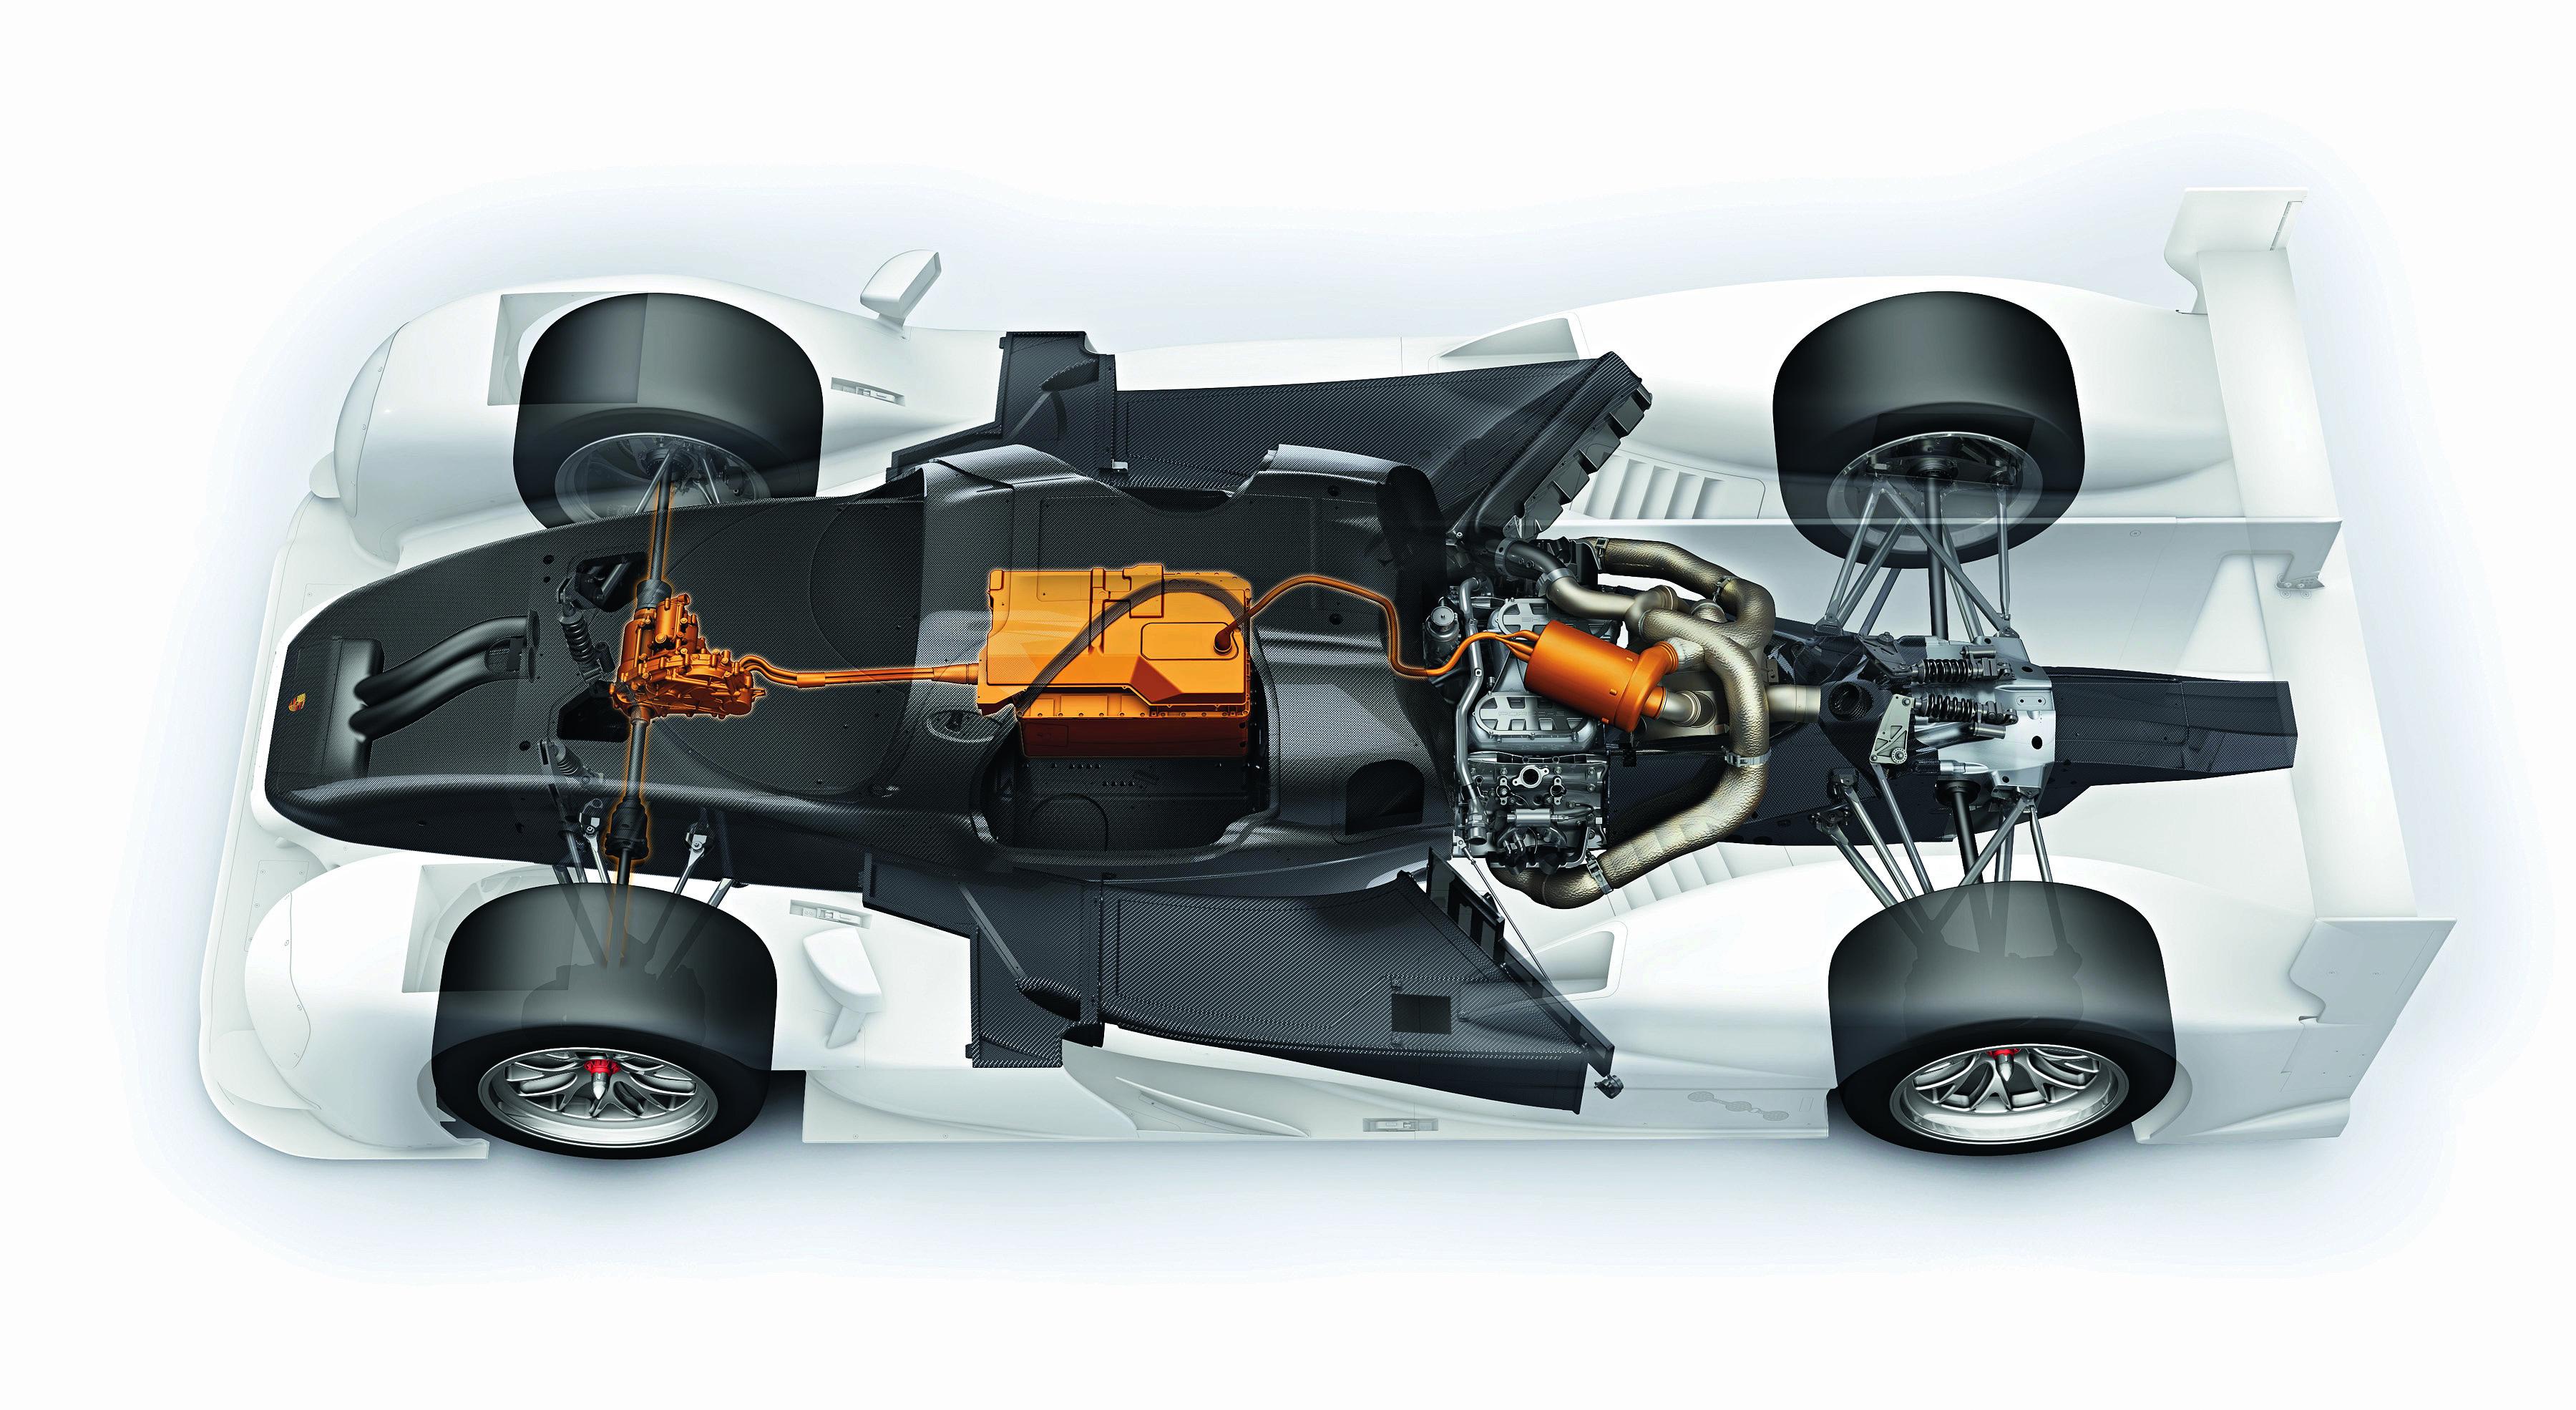 WEC: 2-Liter-V4-Turbobenziner (Porsche), 2,4-Liter-V6-Turbobenziner (Toyota), 4-Liter-V6-Turbodiesel (Audi), Hybrid, Systemleistung: 1.000 PS, Höchstgeschwindigkeit: 340 km/h, 0–100: 2,2 s